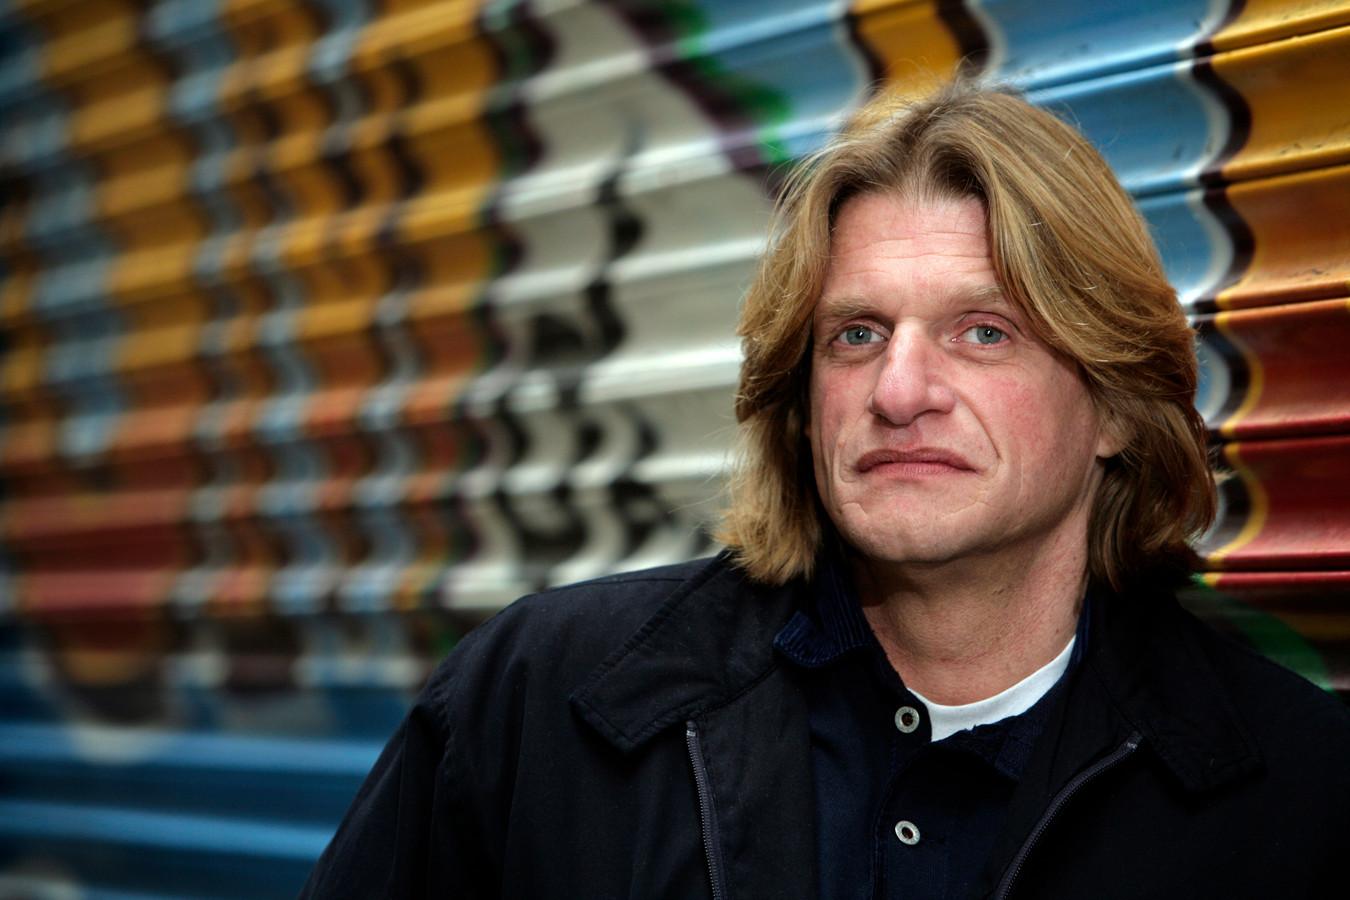 Keith Bakker wordt verdacht van aanranding en verkrachting van een minderjarige vrouw.